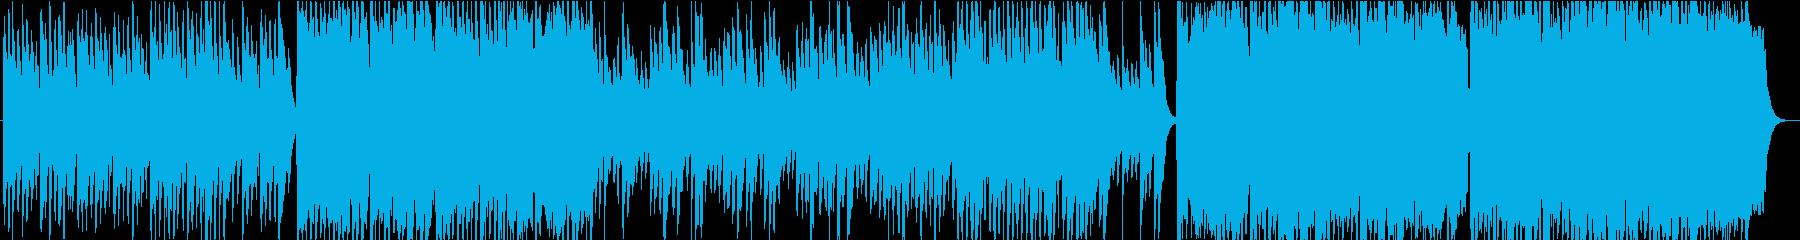 祭/和太鼓・琴・尺八の穏やかな和風BGMの再生済みの波形